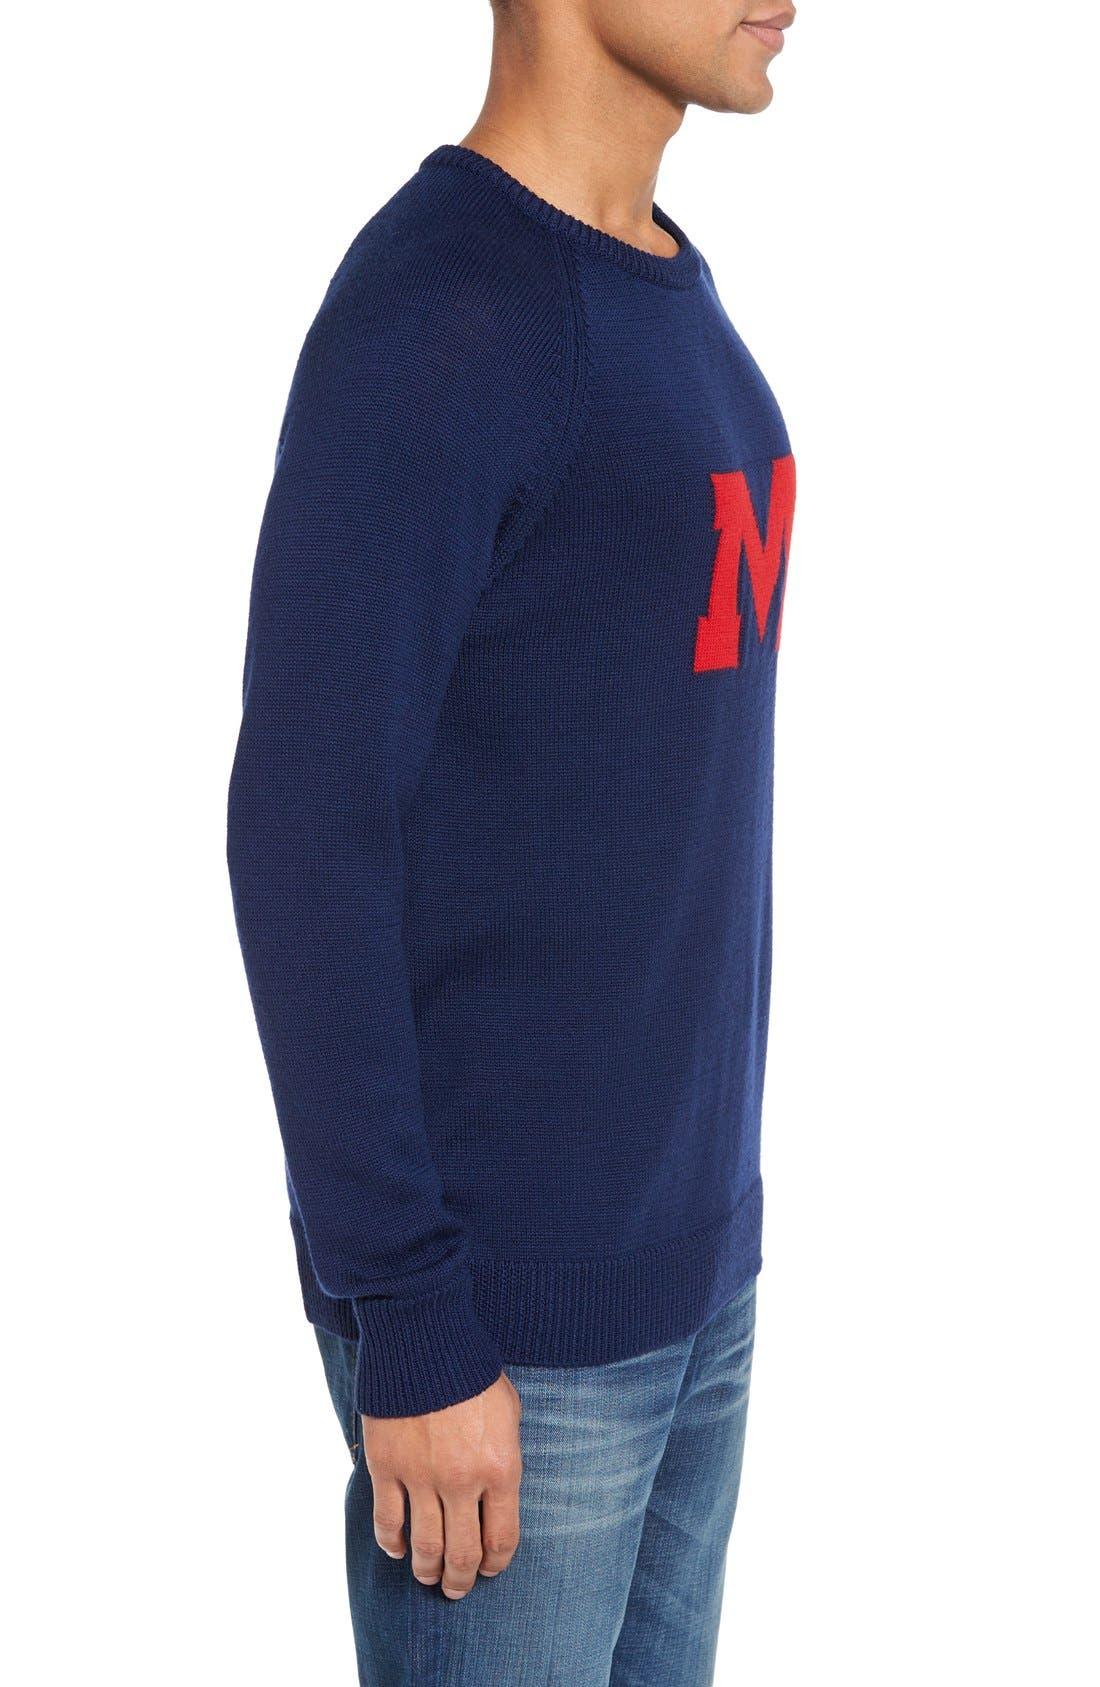 Alternate Image 3  - Hillflint Ole Miss Heritage Sweater